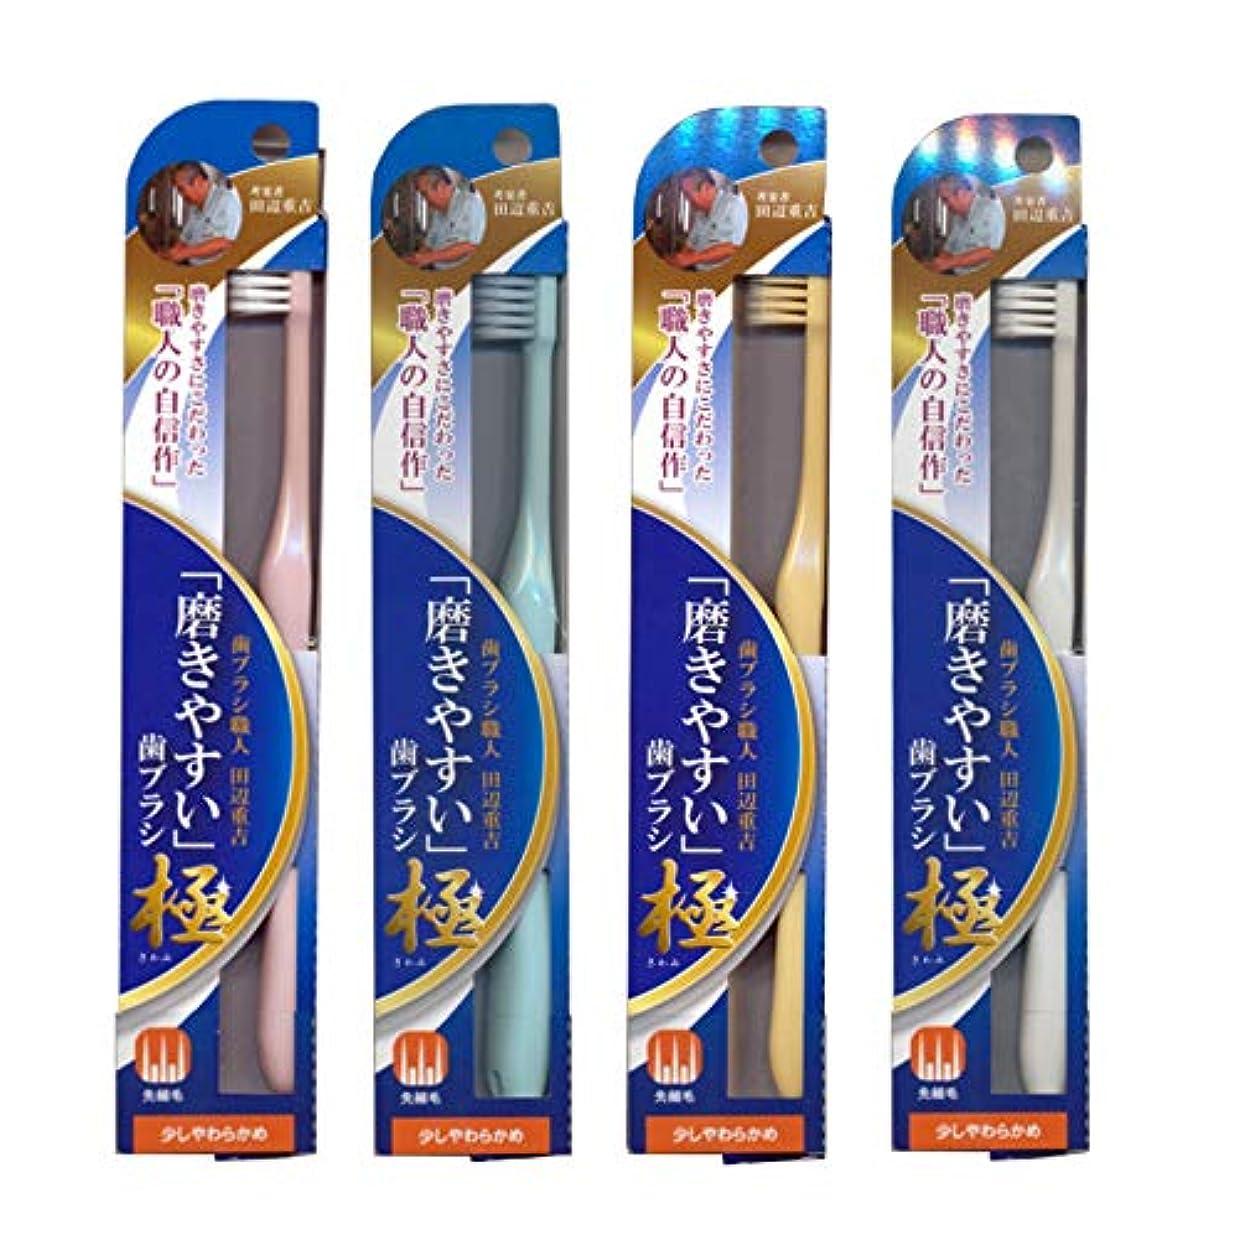 送料古くなったローマ人磨きやすい歯ブラシ極 (少し柔らかめ) LT-43×12本セット(ピンク×3、ブルー×3、ホワイト×3、イエロー×3) 先細毛